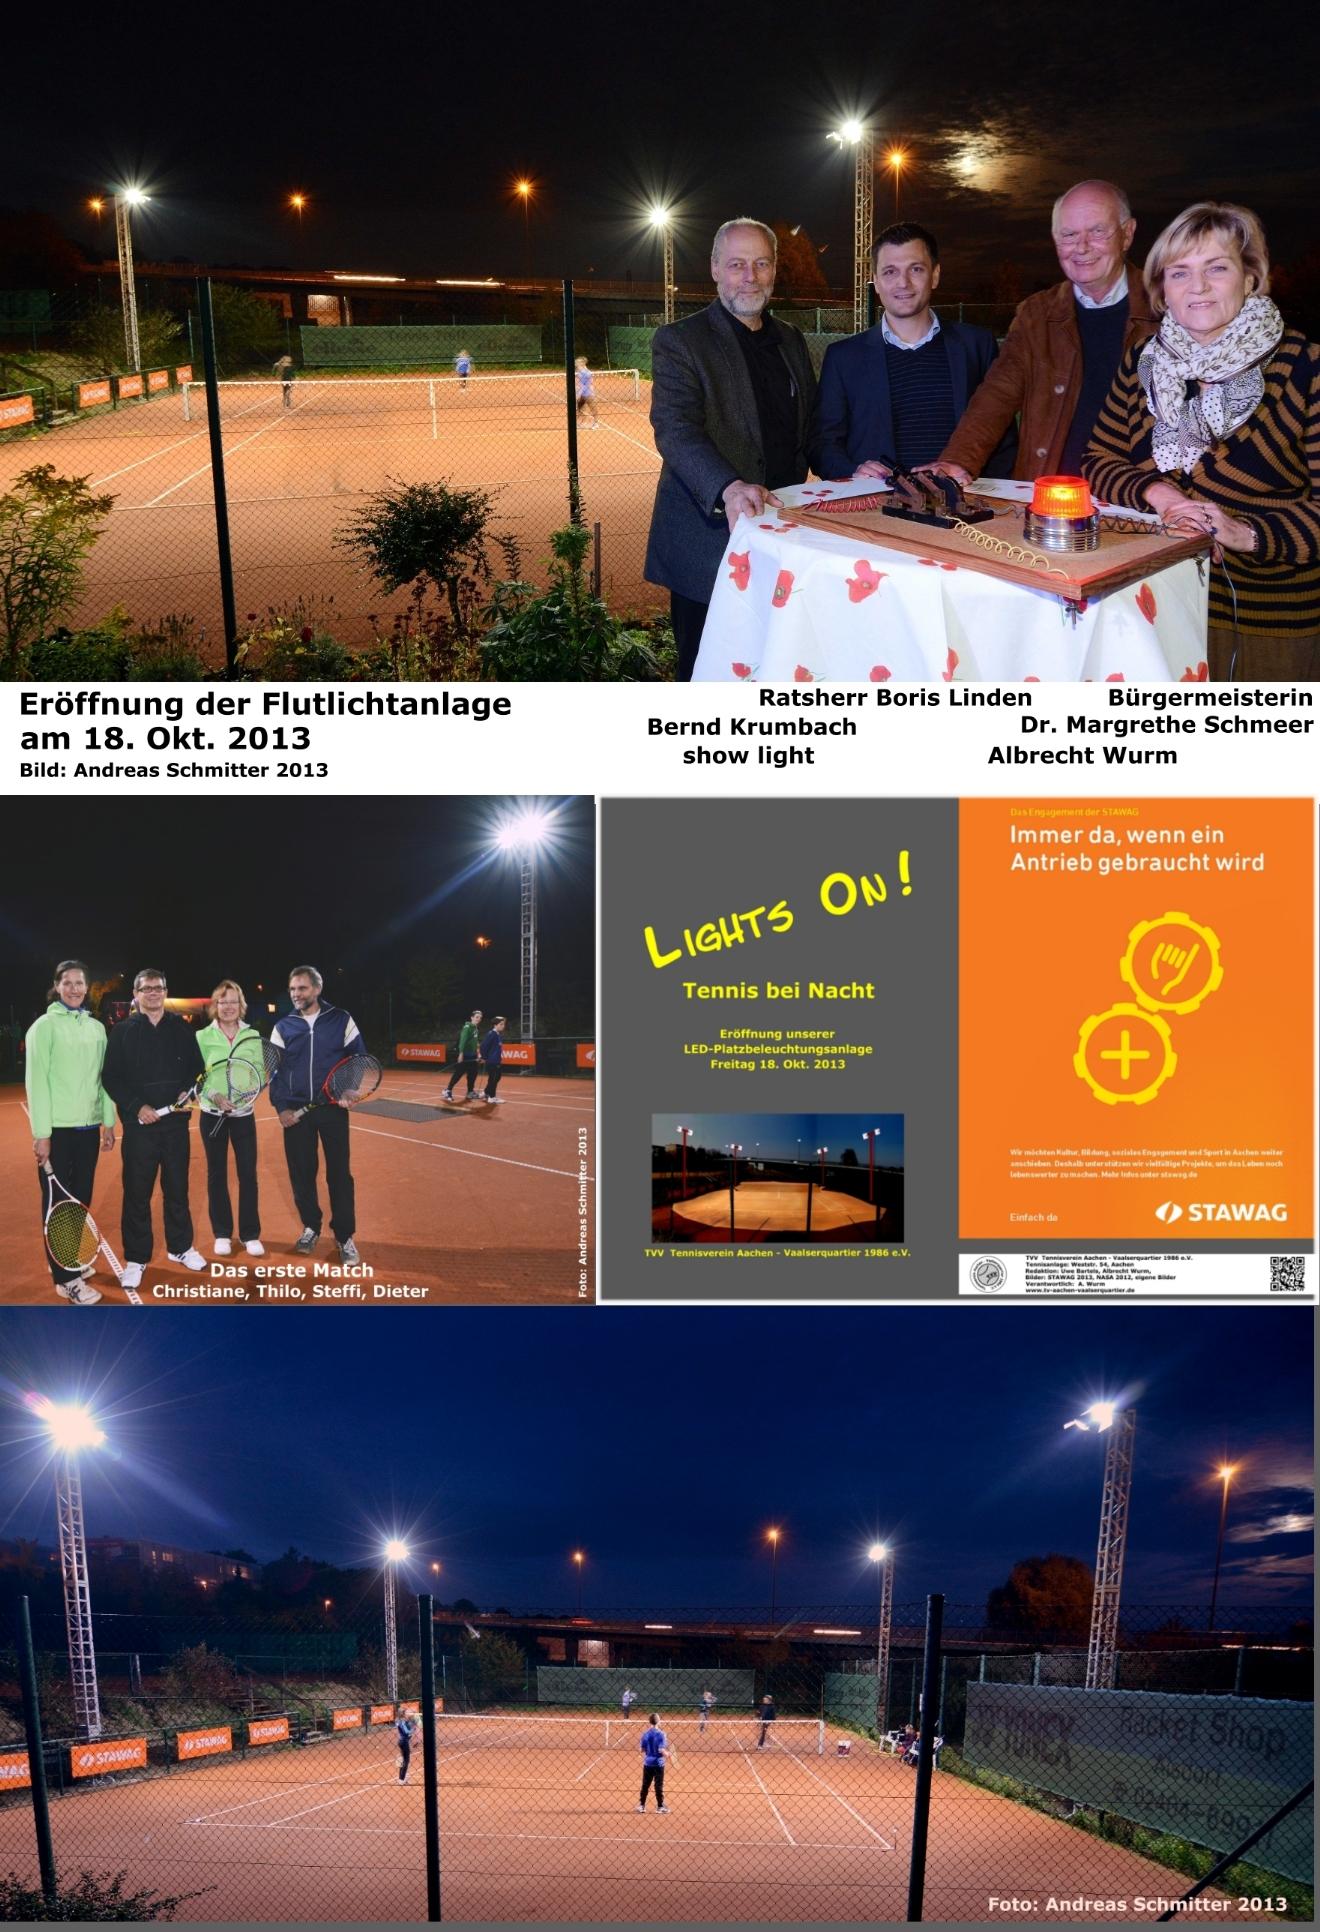 Collage zur Eröffnung der LED-Flutlichtanlage 2013